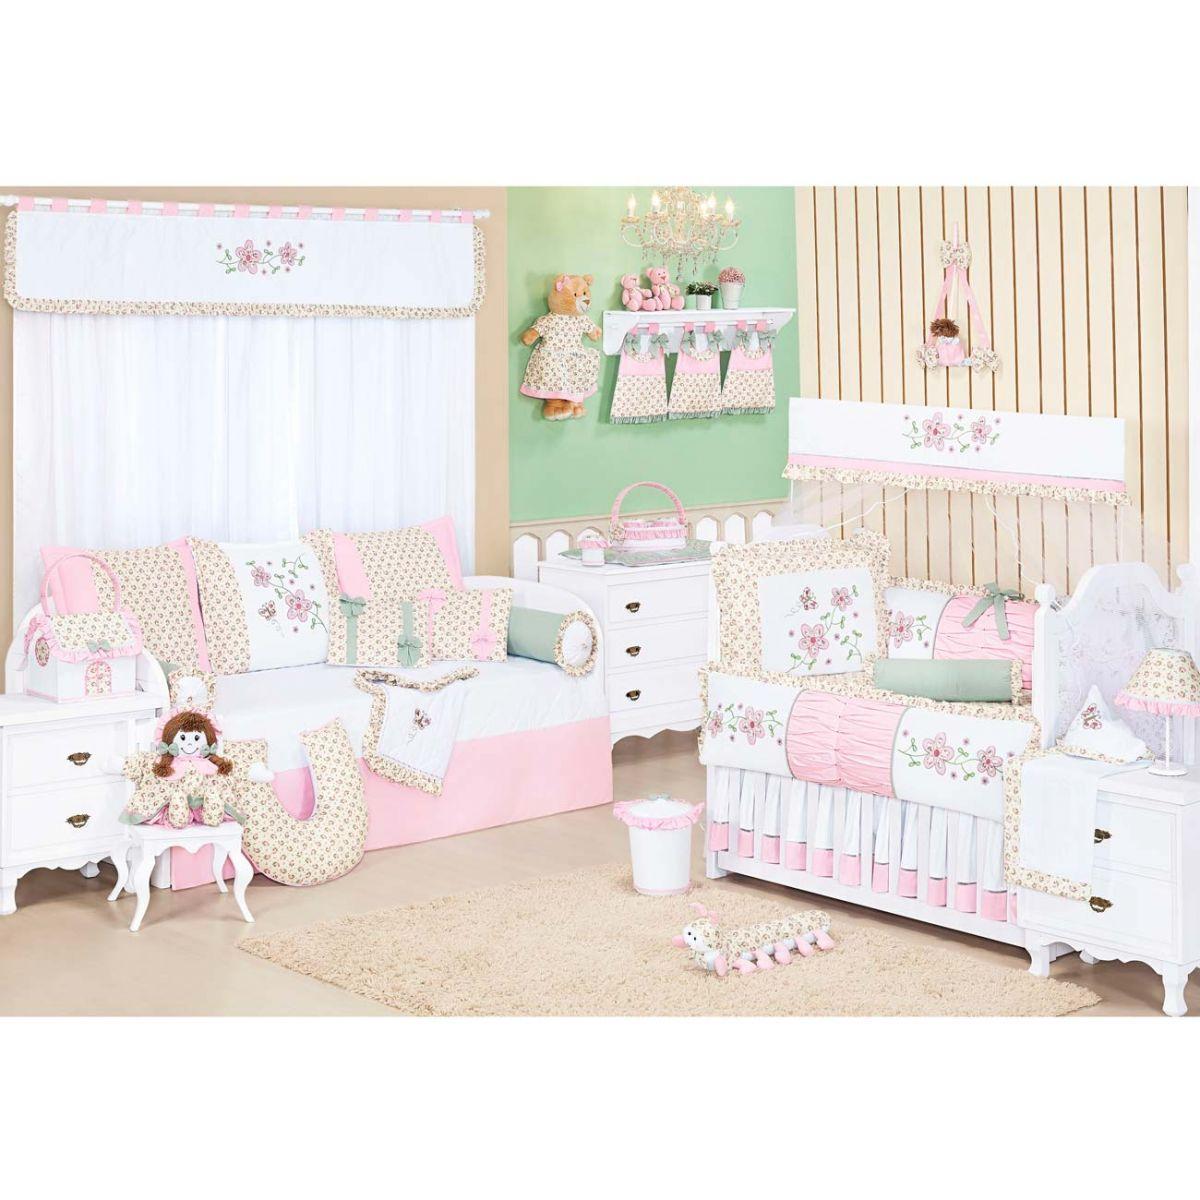 Manta Avulso para Quarto de Bebê Coleção Baby Florence - Rosa